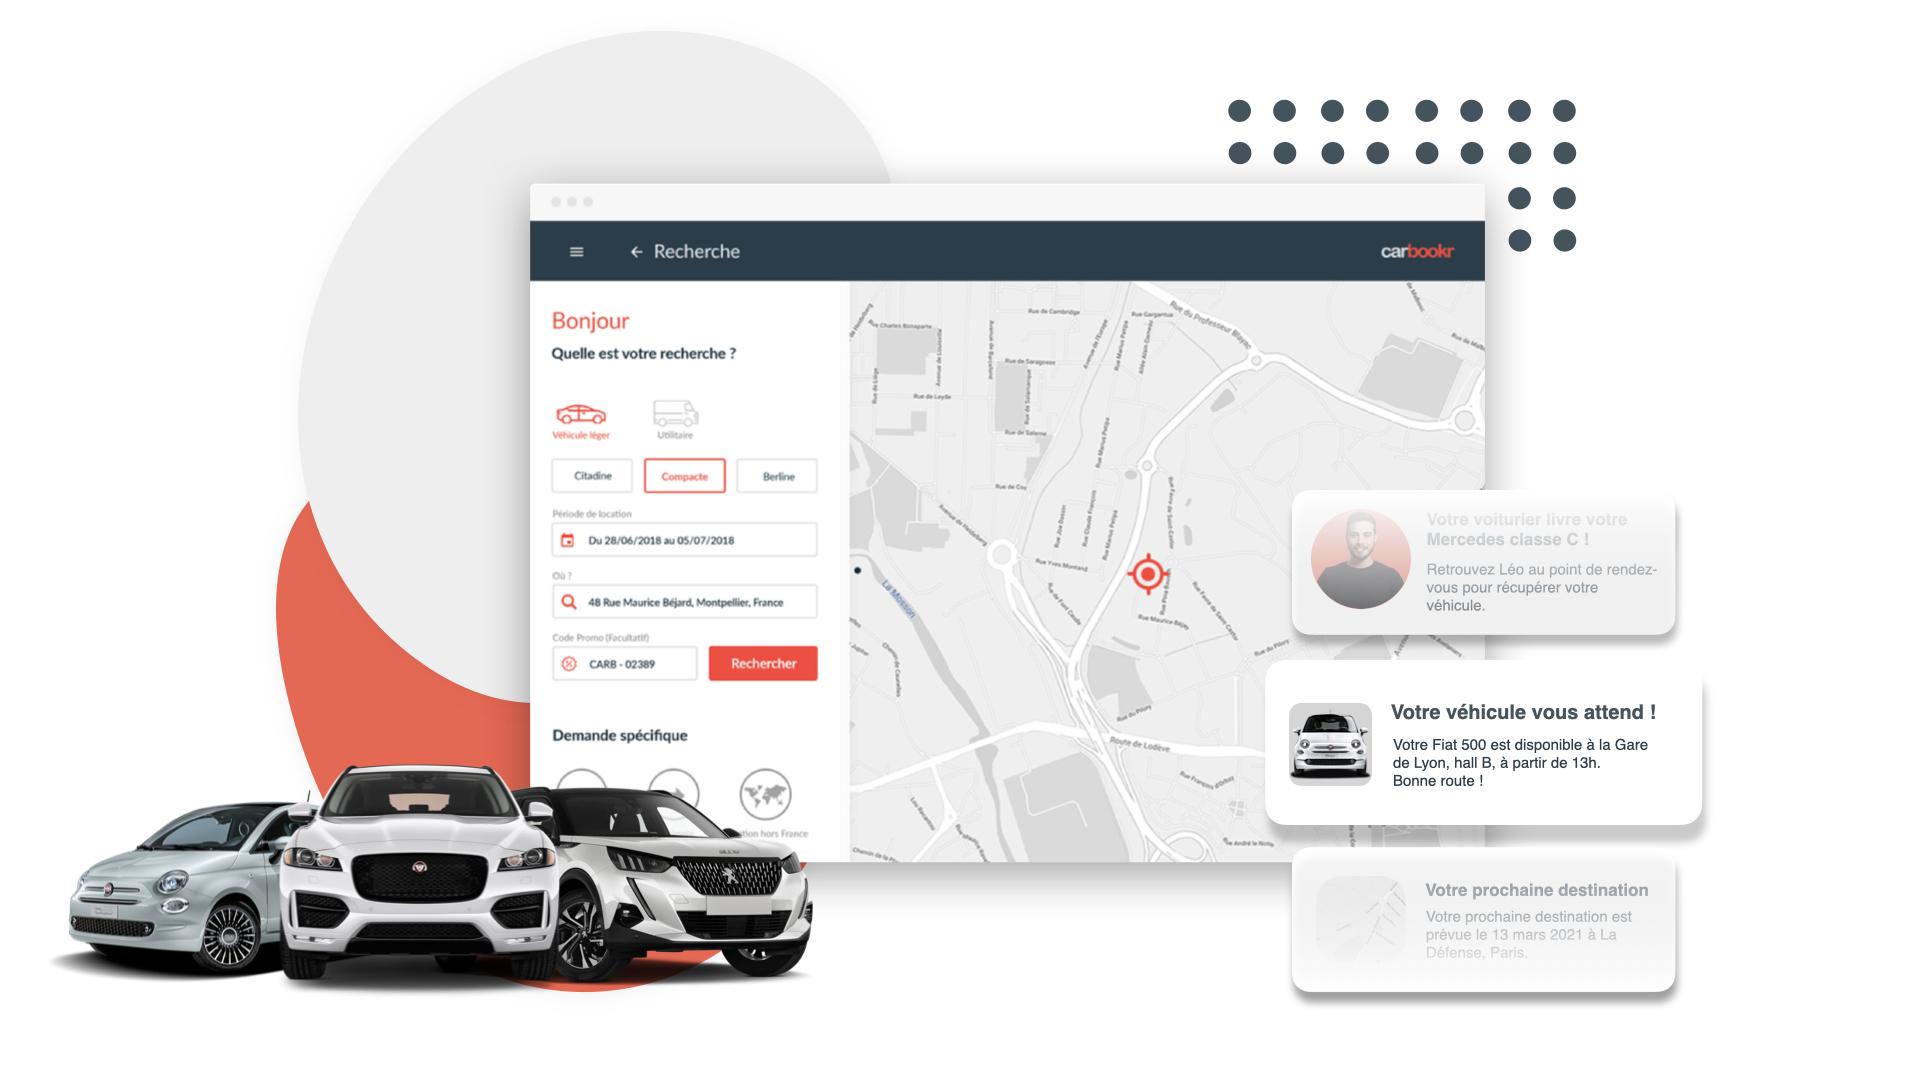 Illustration de la plateforme de location de voitures